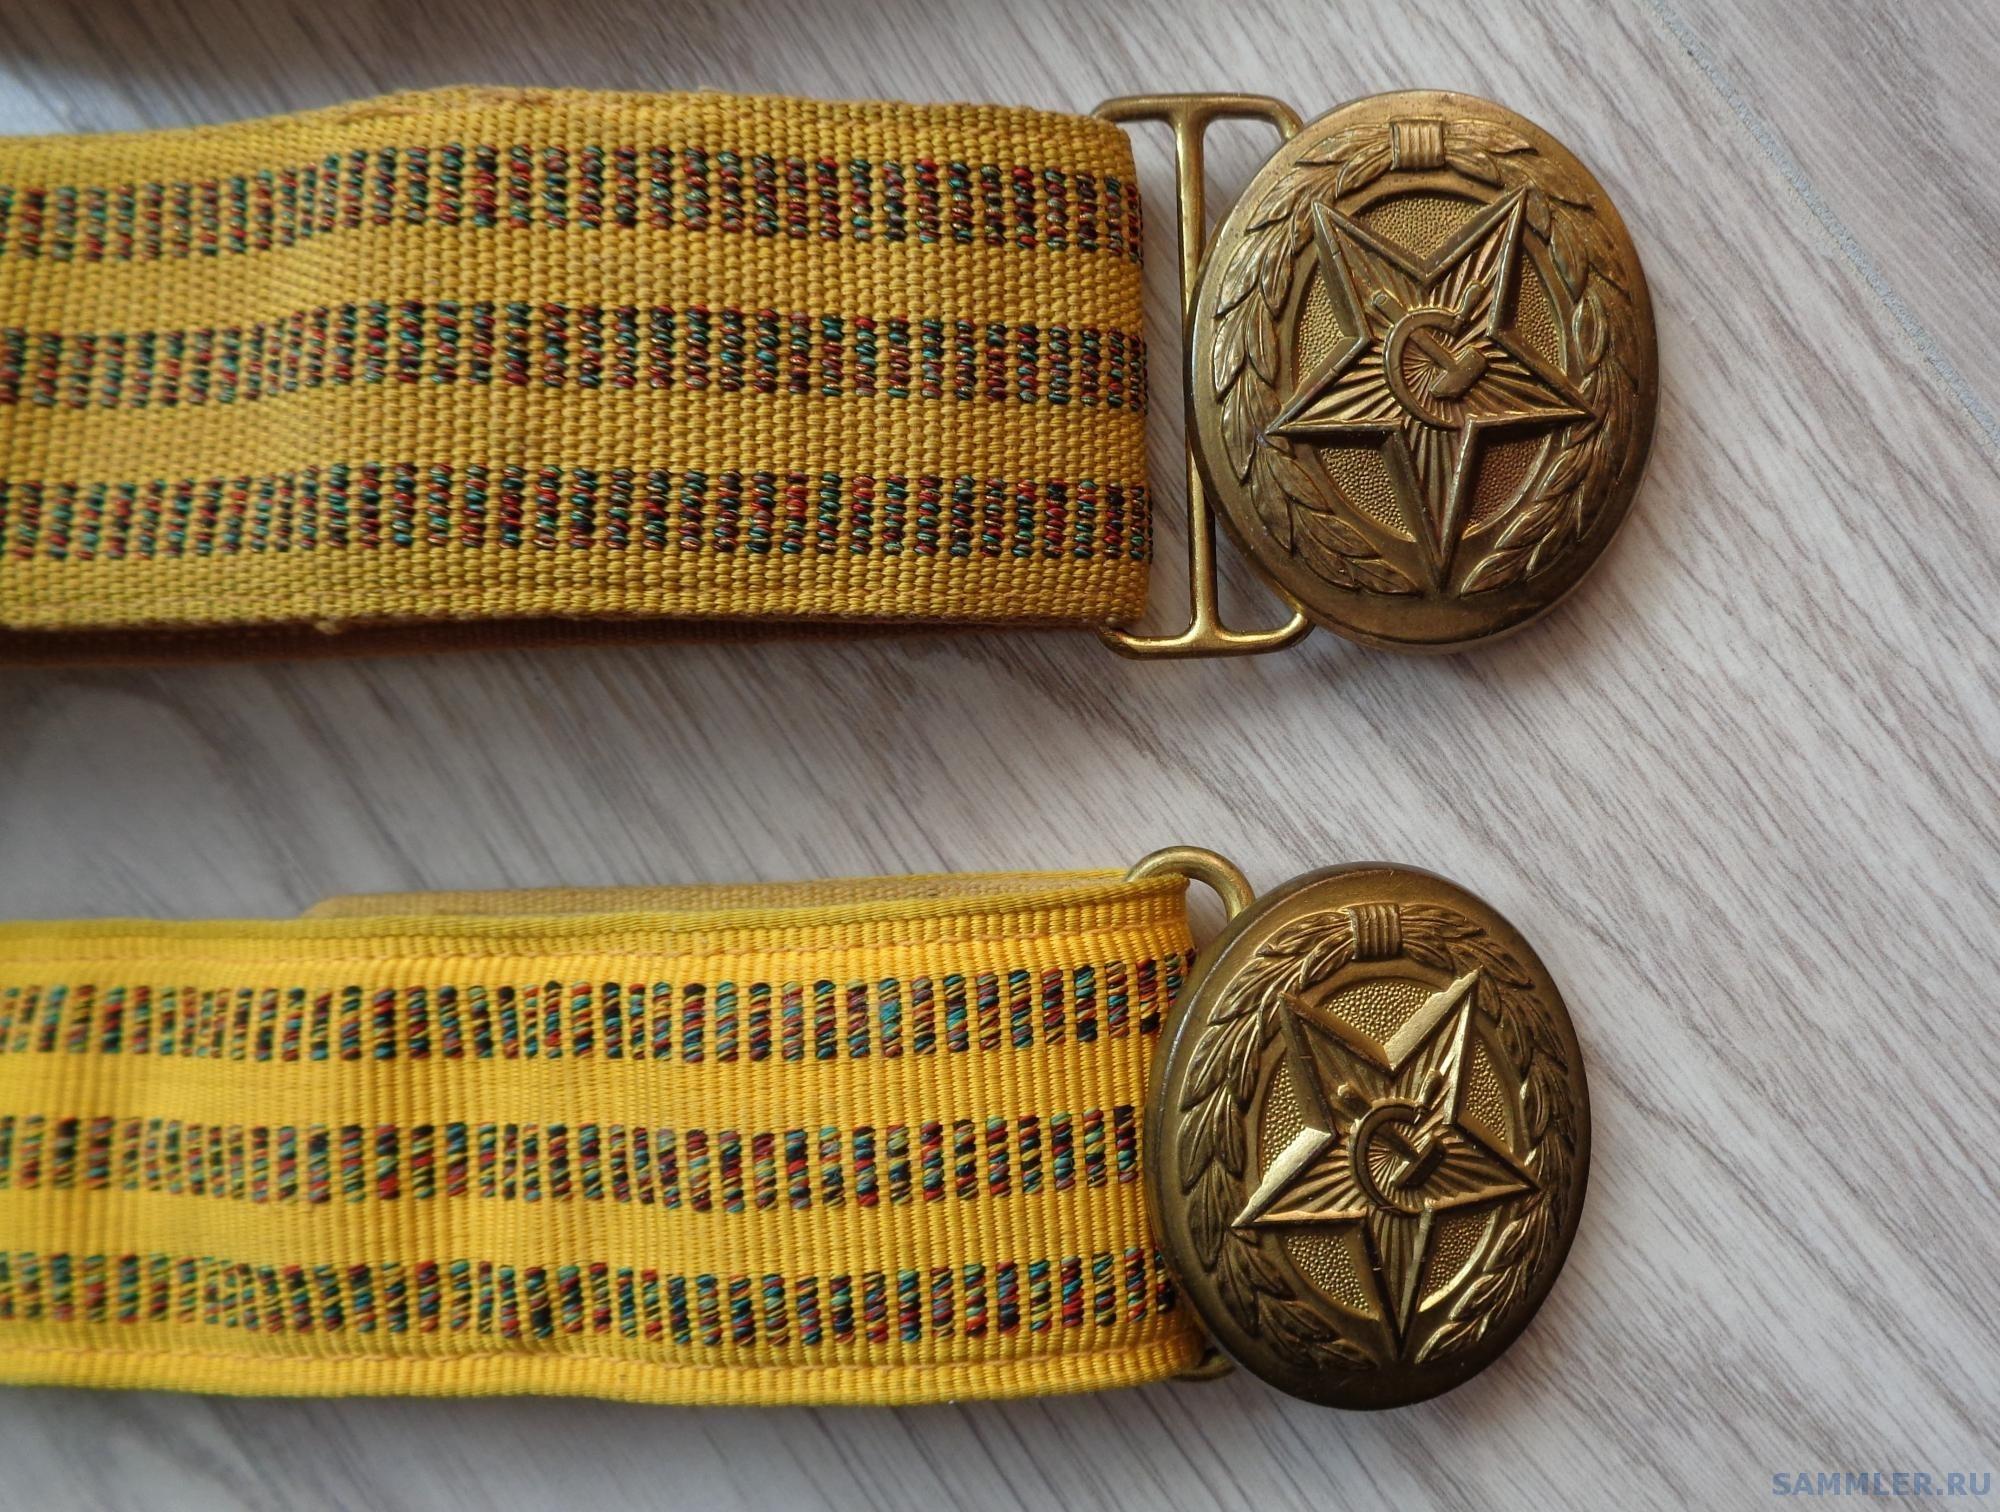 Кортиковое снаряжение общевойсковое ВС СССР образца 1955г (6).JPG